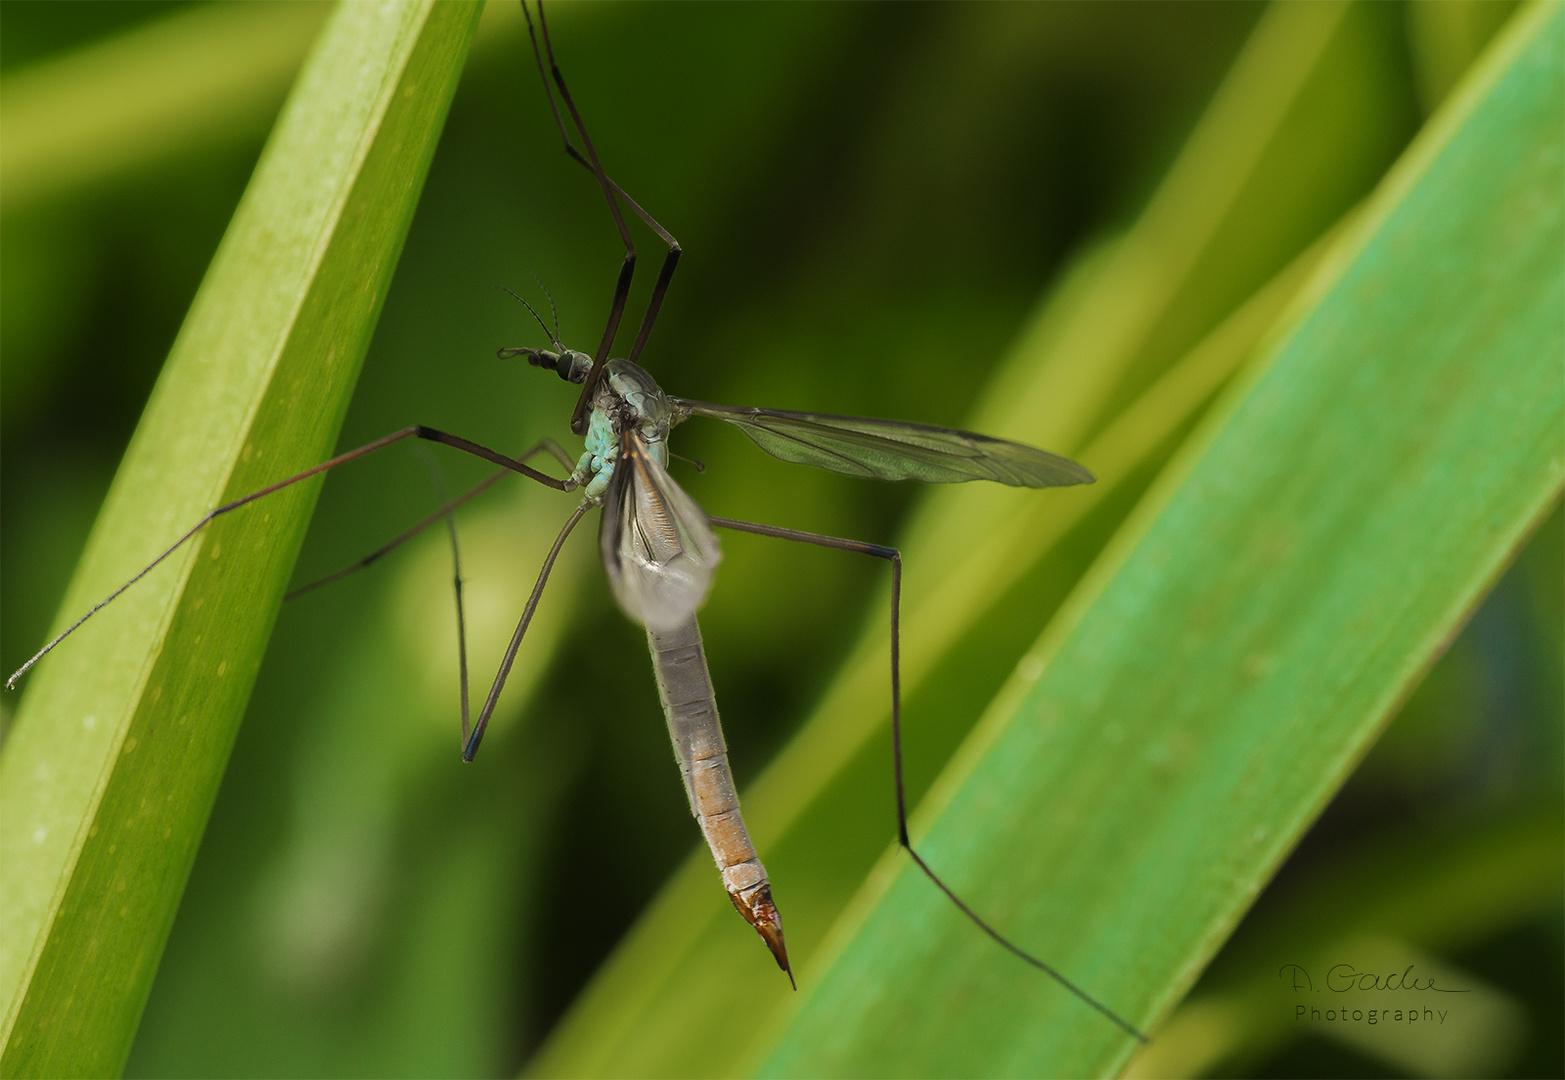 Tipulidae - Crane fly (Die Schnaken)